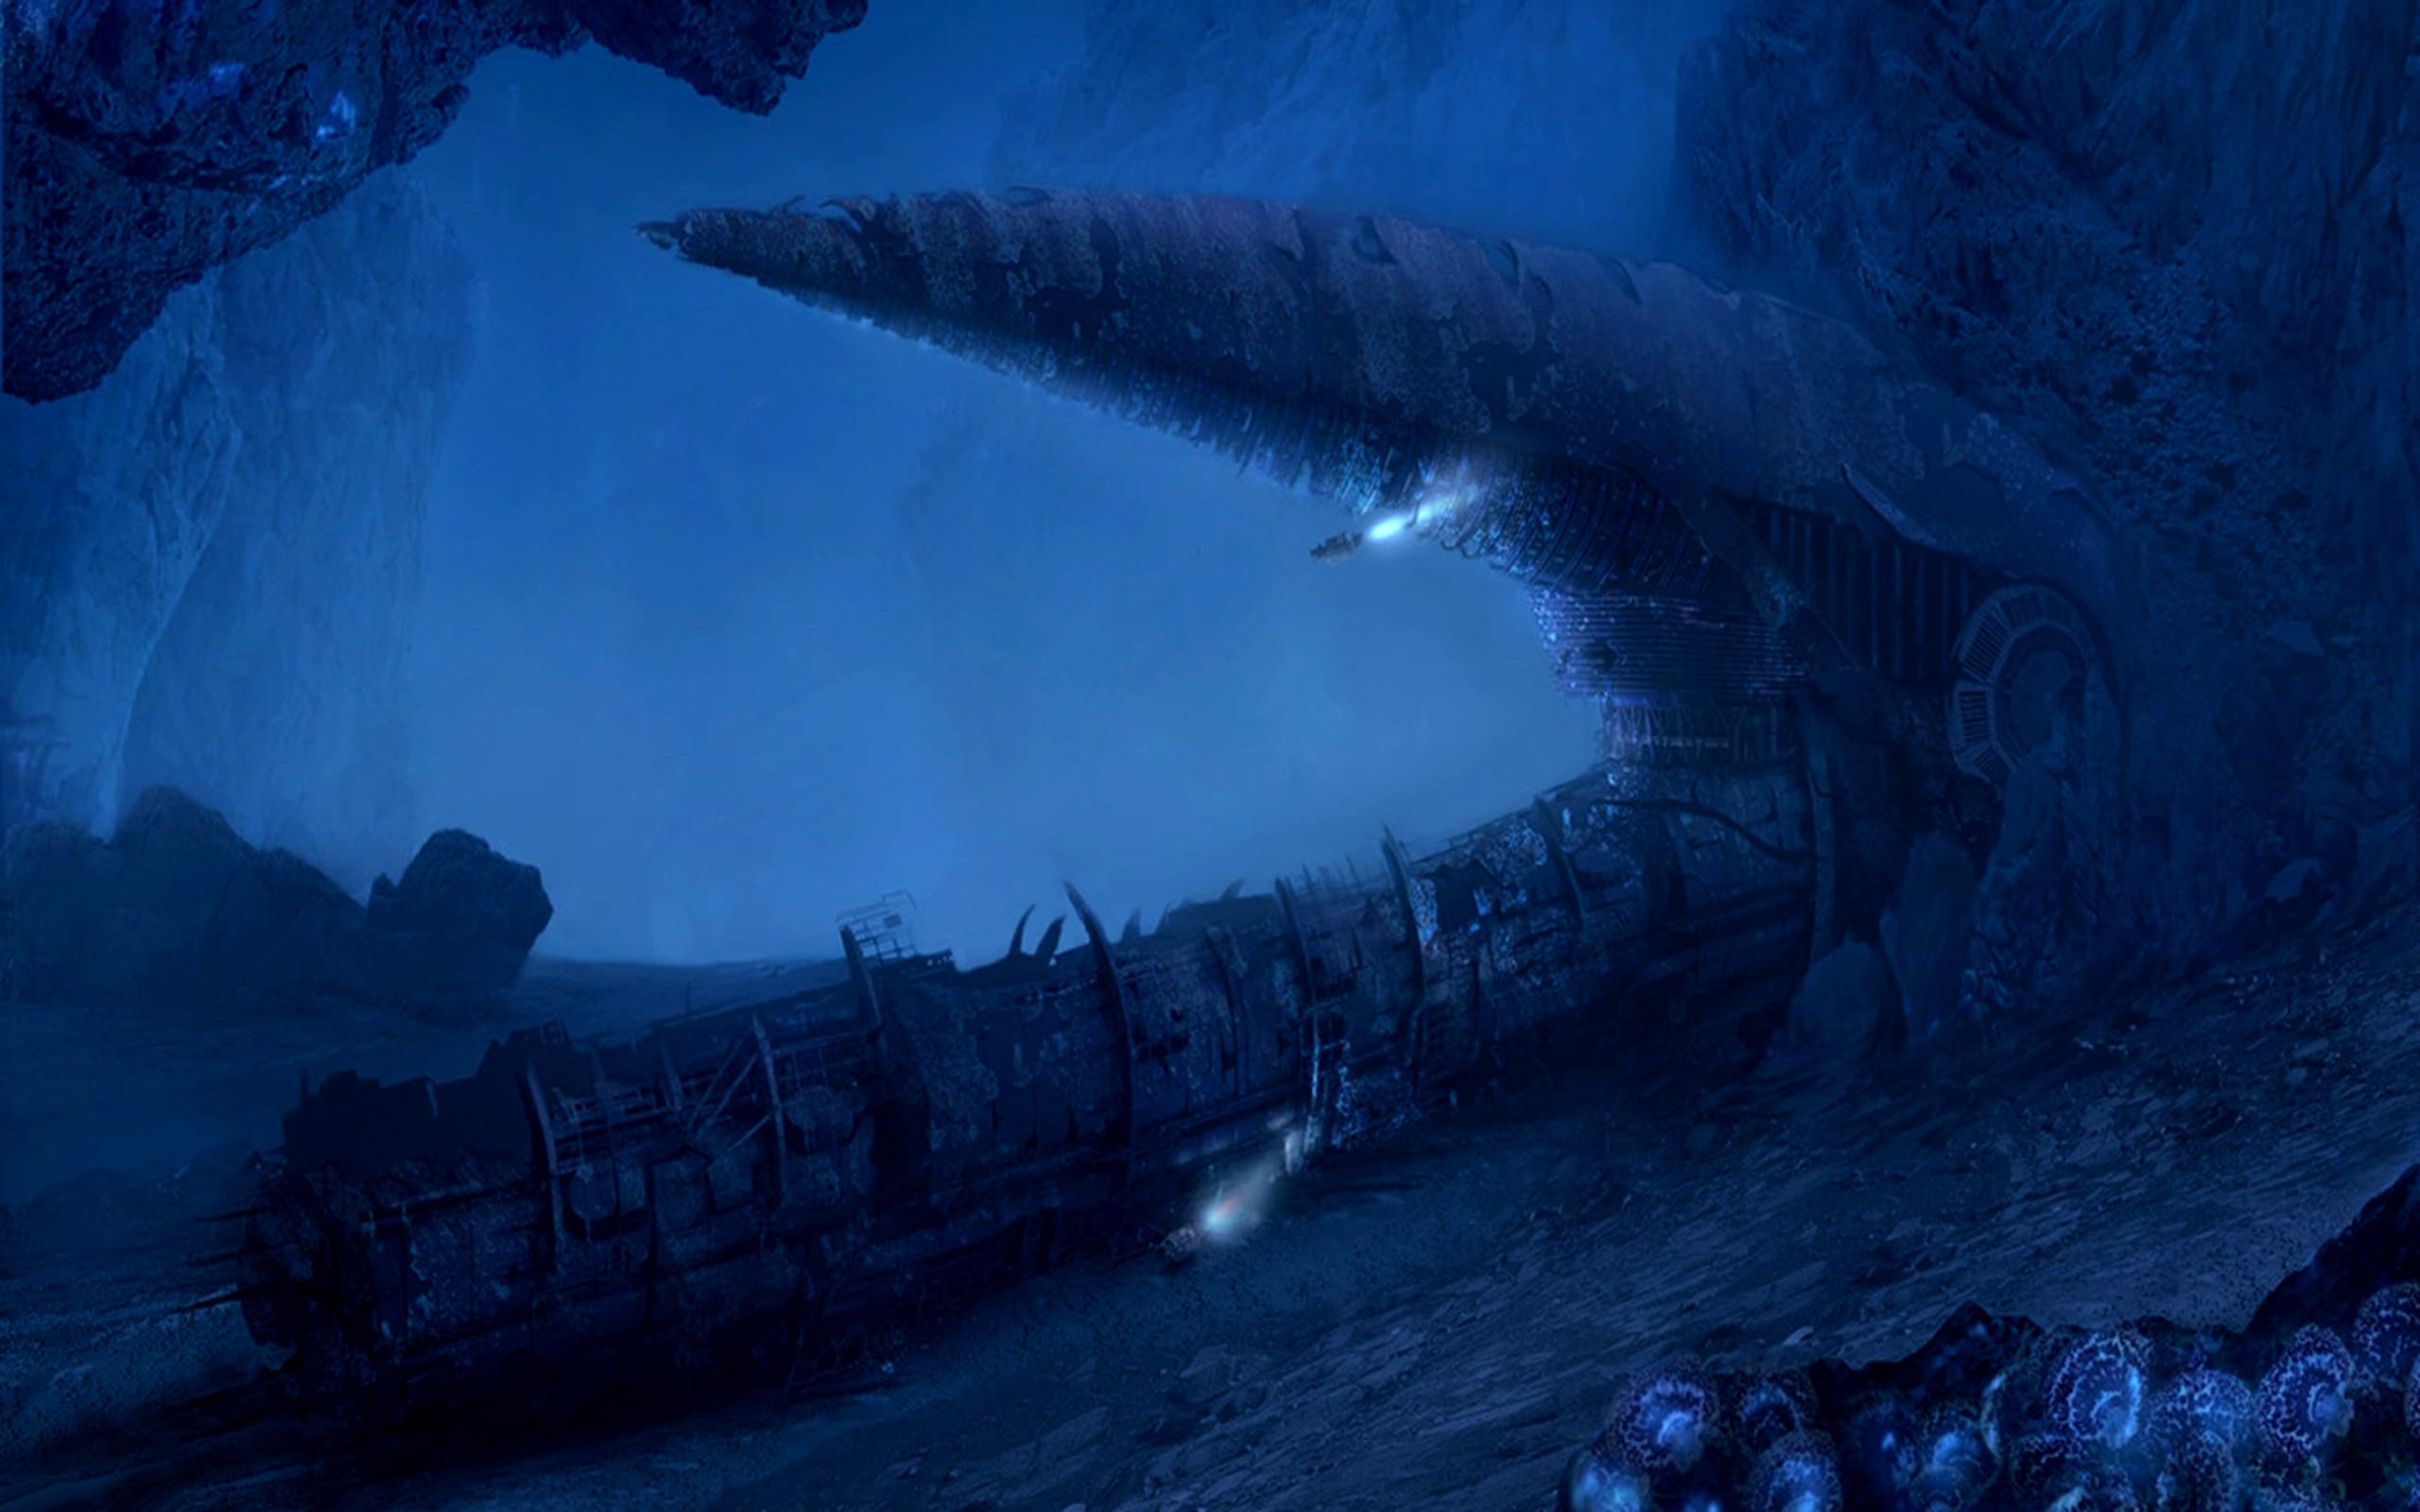 wallpaper.wiki-Free-Deep-Ocean-Image-PIC-WPB0010217